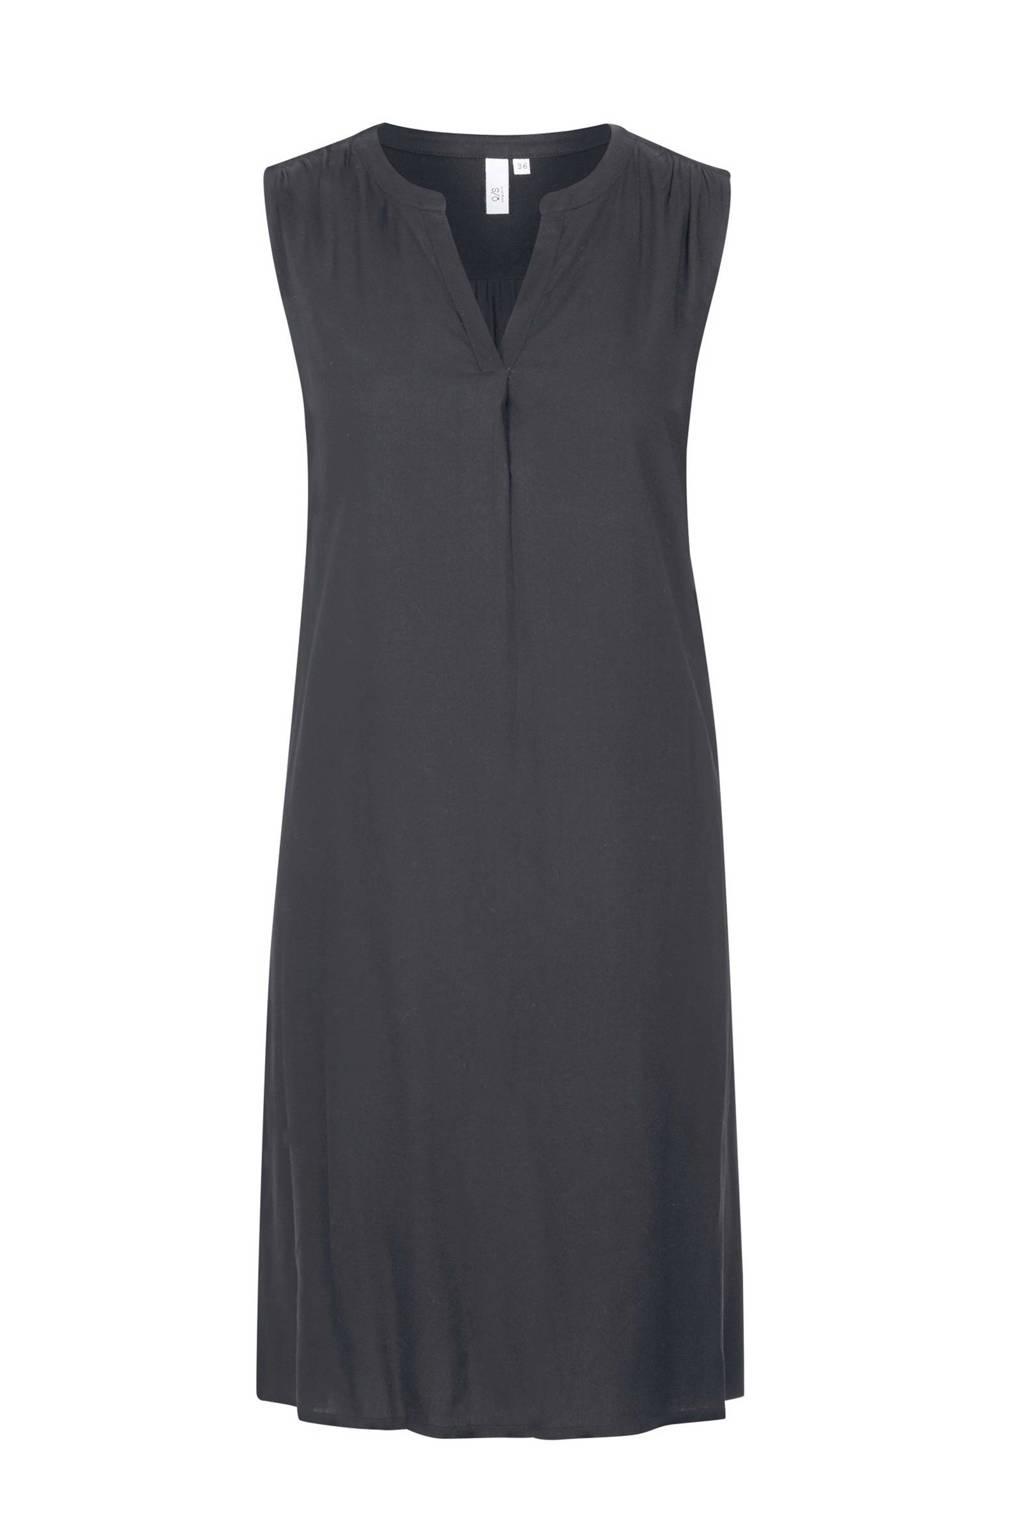 Q/S designed by jersey jurk met plooien antraciet, Antraciet